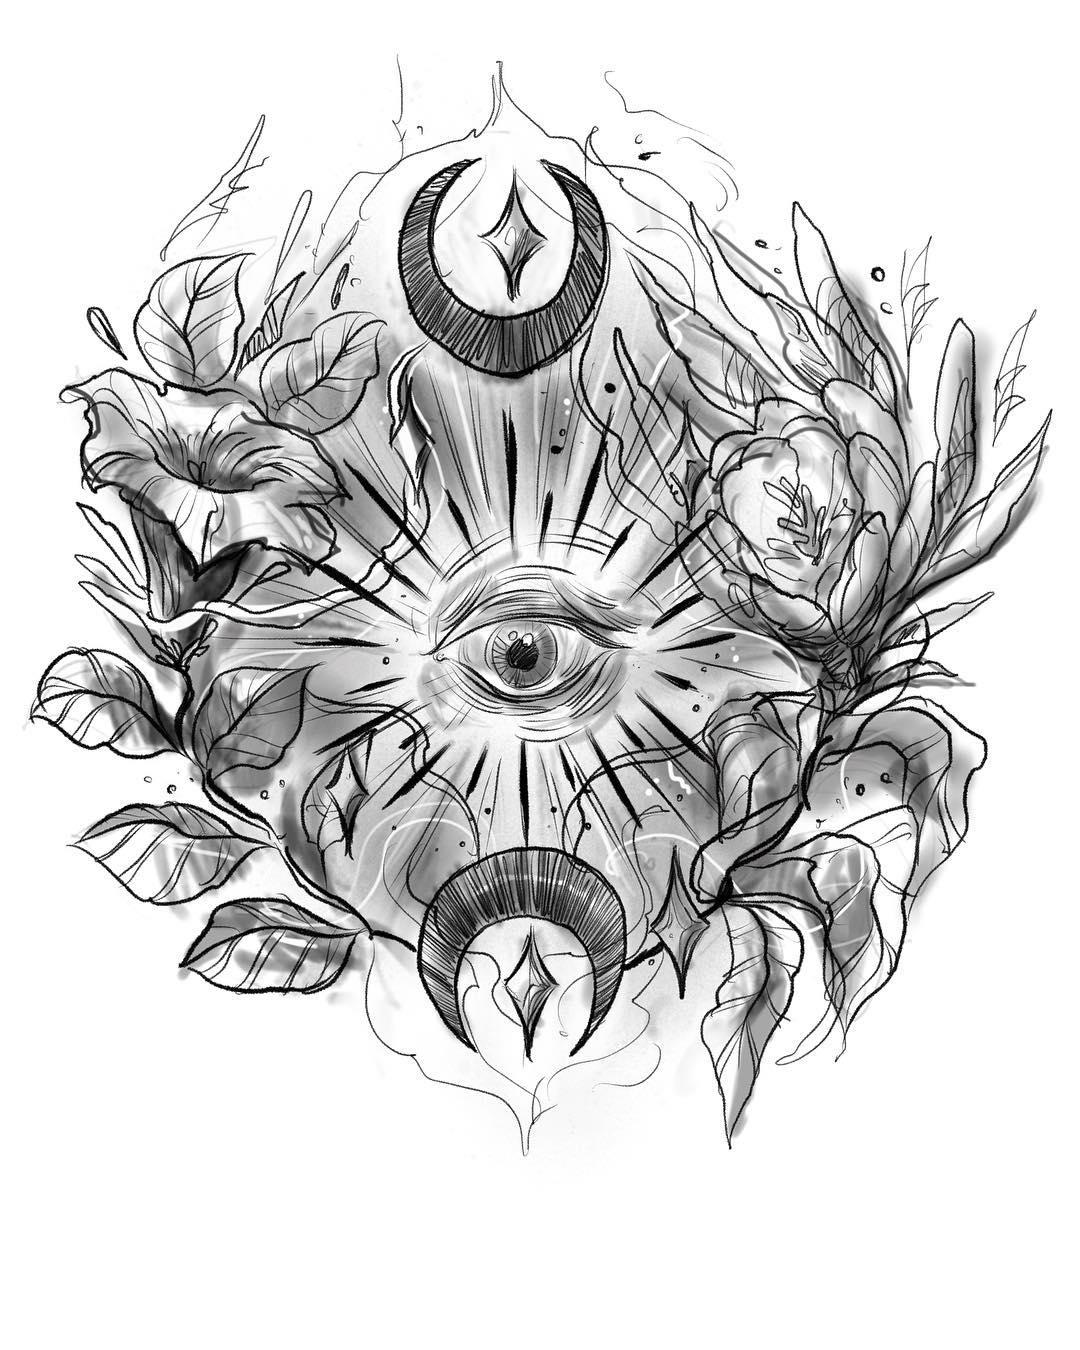 青岛京沪山庄做礼品的萧先生上帝之眼纹身手稿